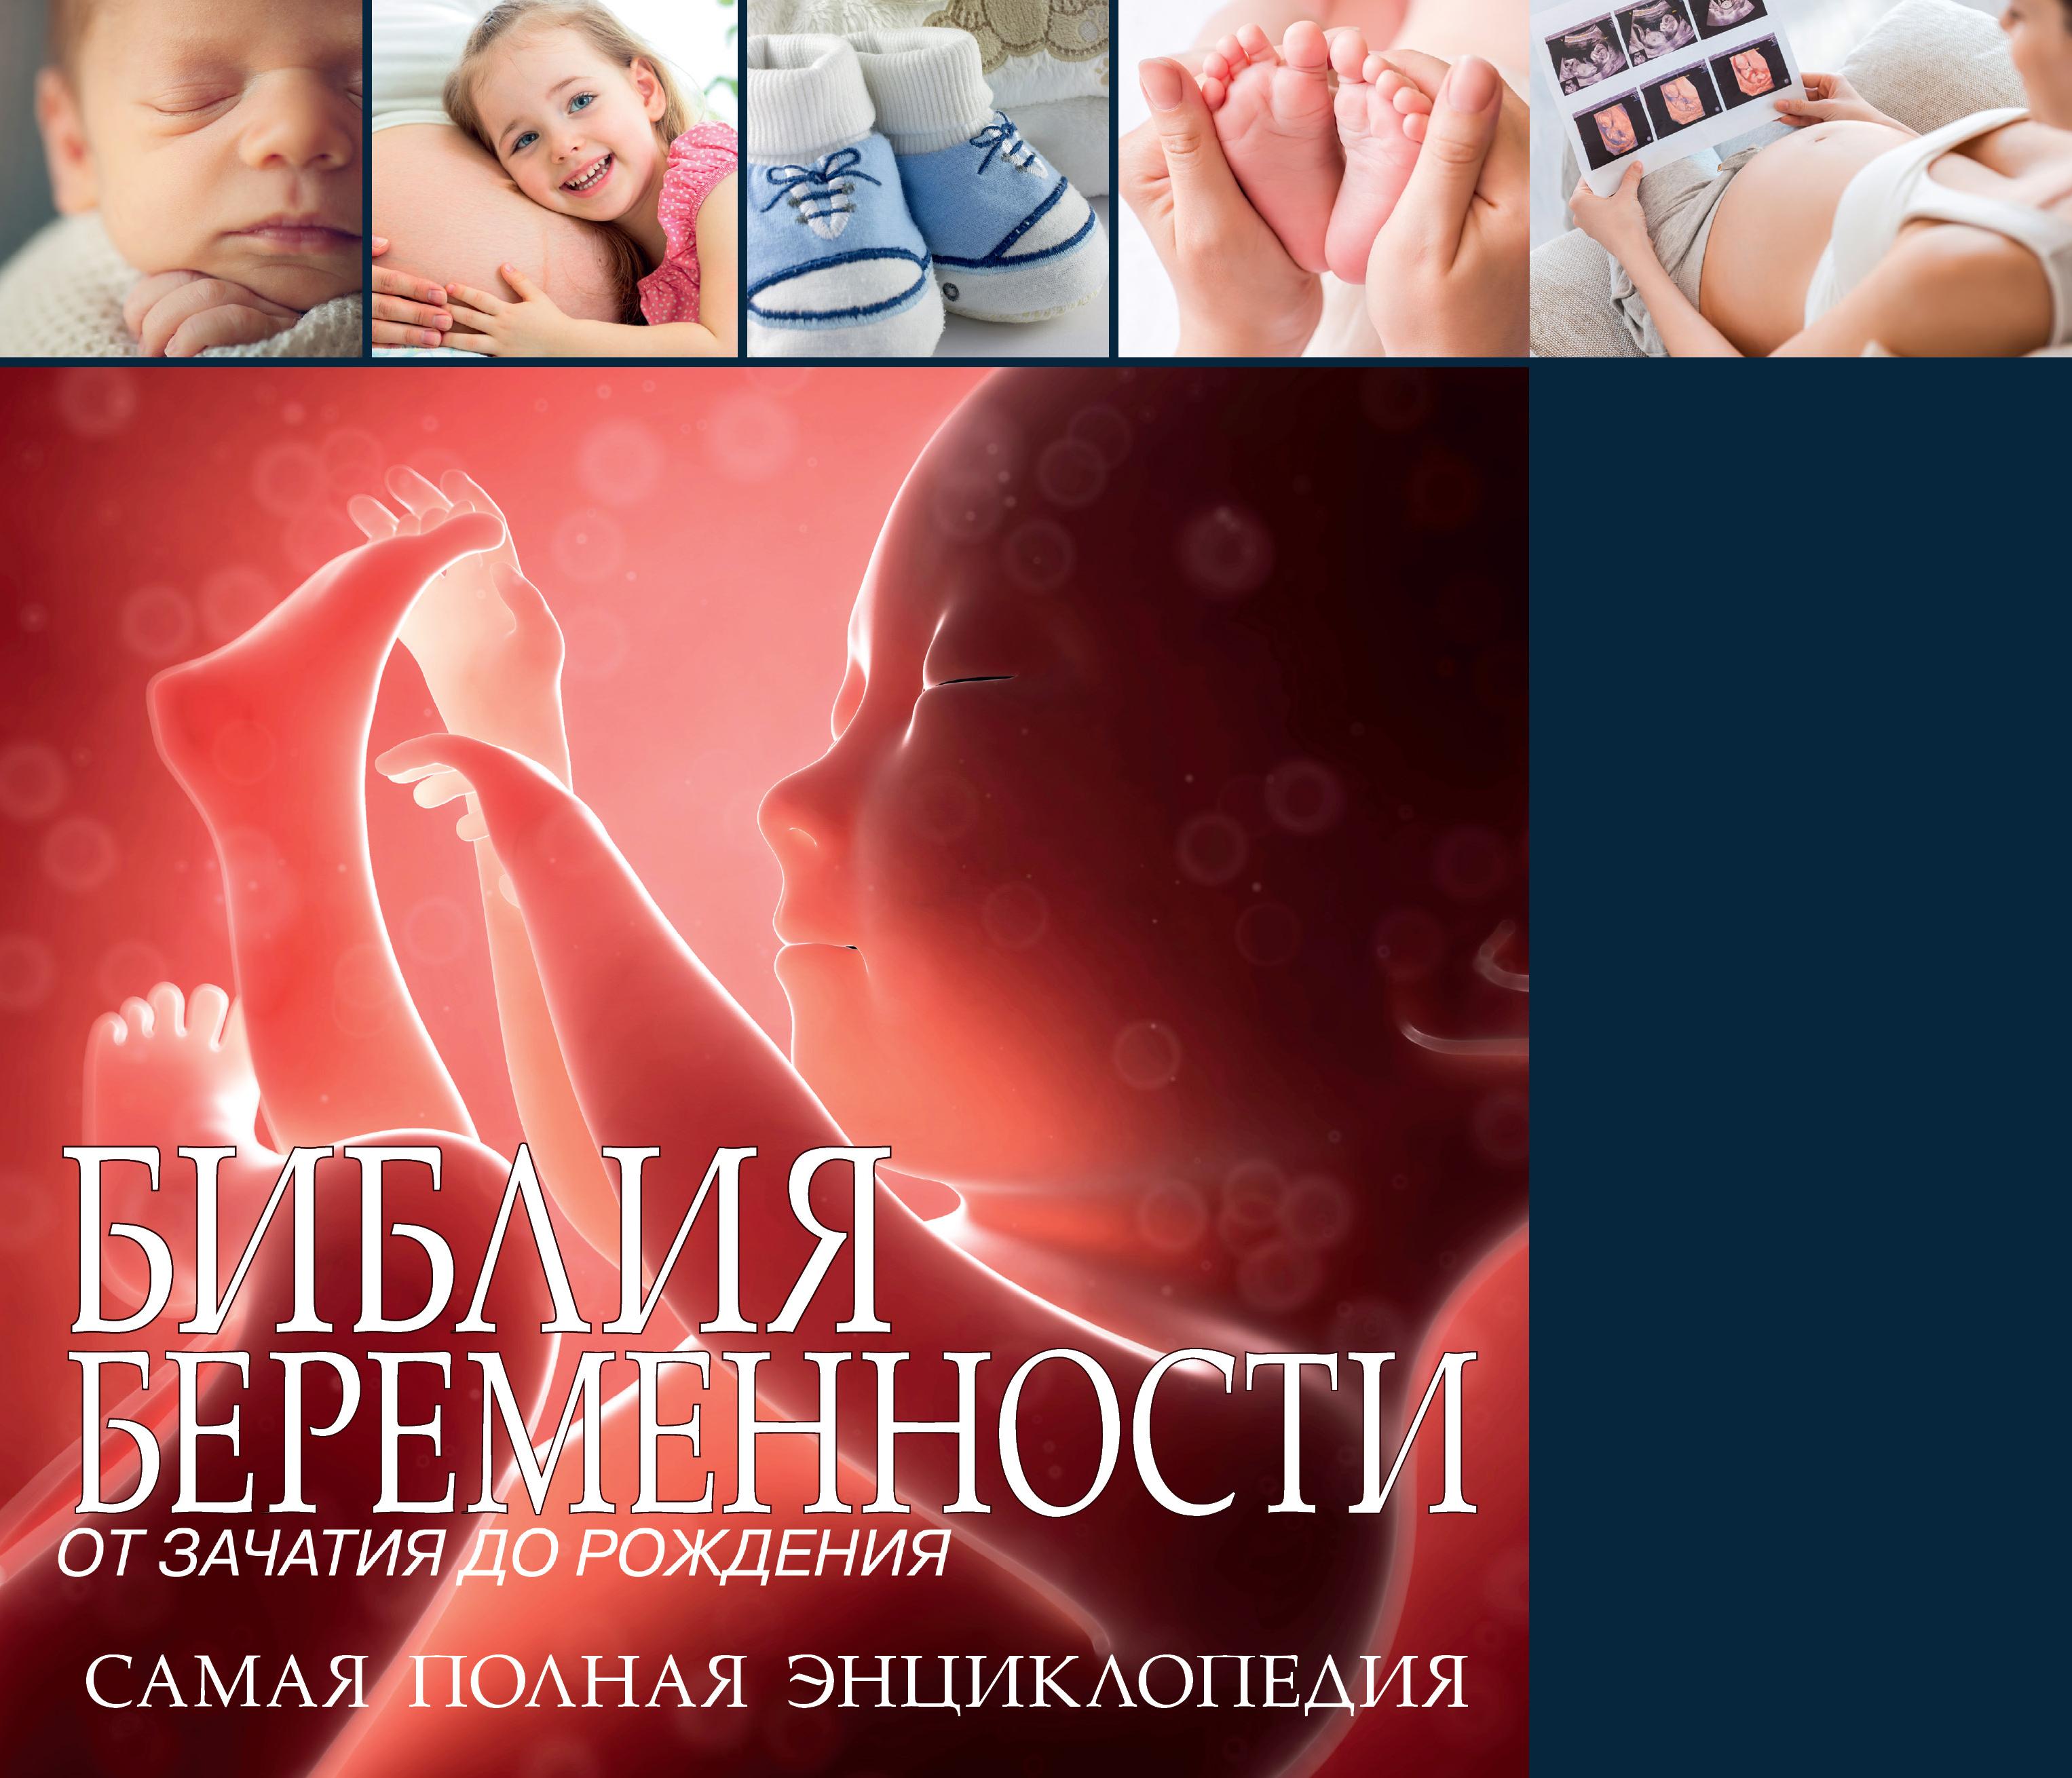 Библия беременности леонов в решение проблем с компьютером своими руками самый простой и наглядный справочник